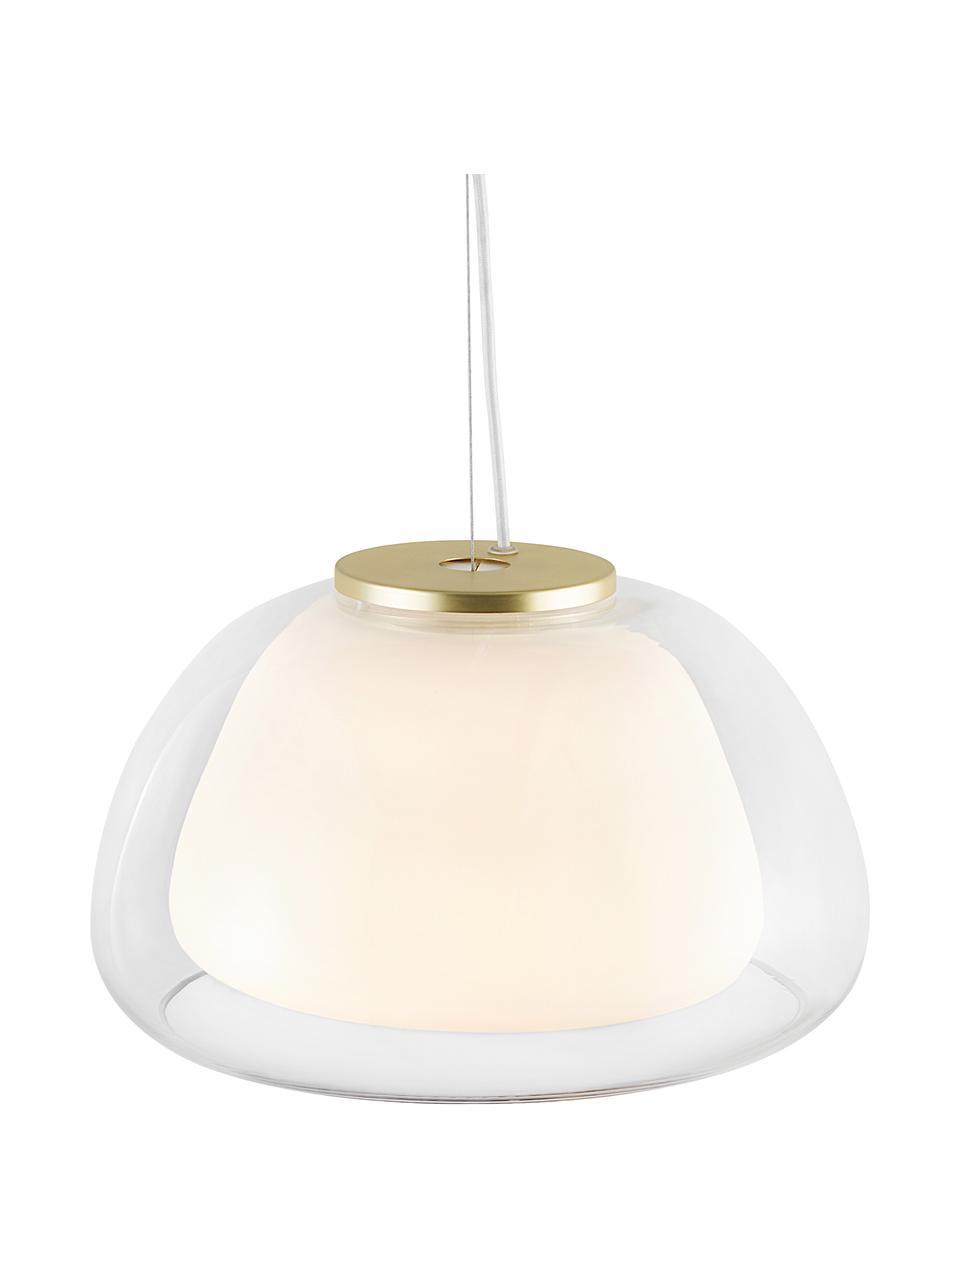 Lampa wisząca ze szkła Jelly, Transparentny, biały, Ø 39 x W 23 cm